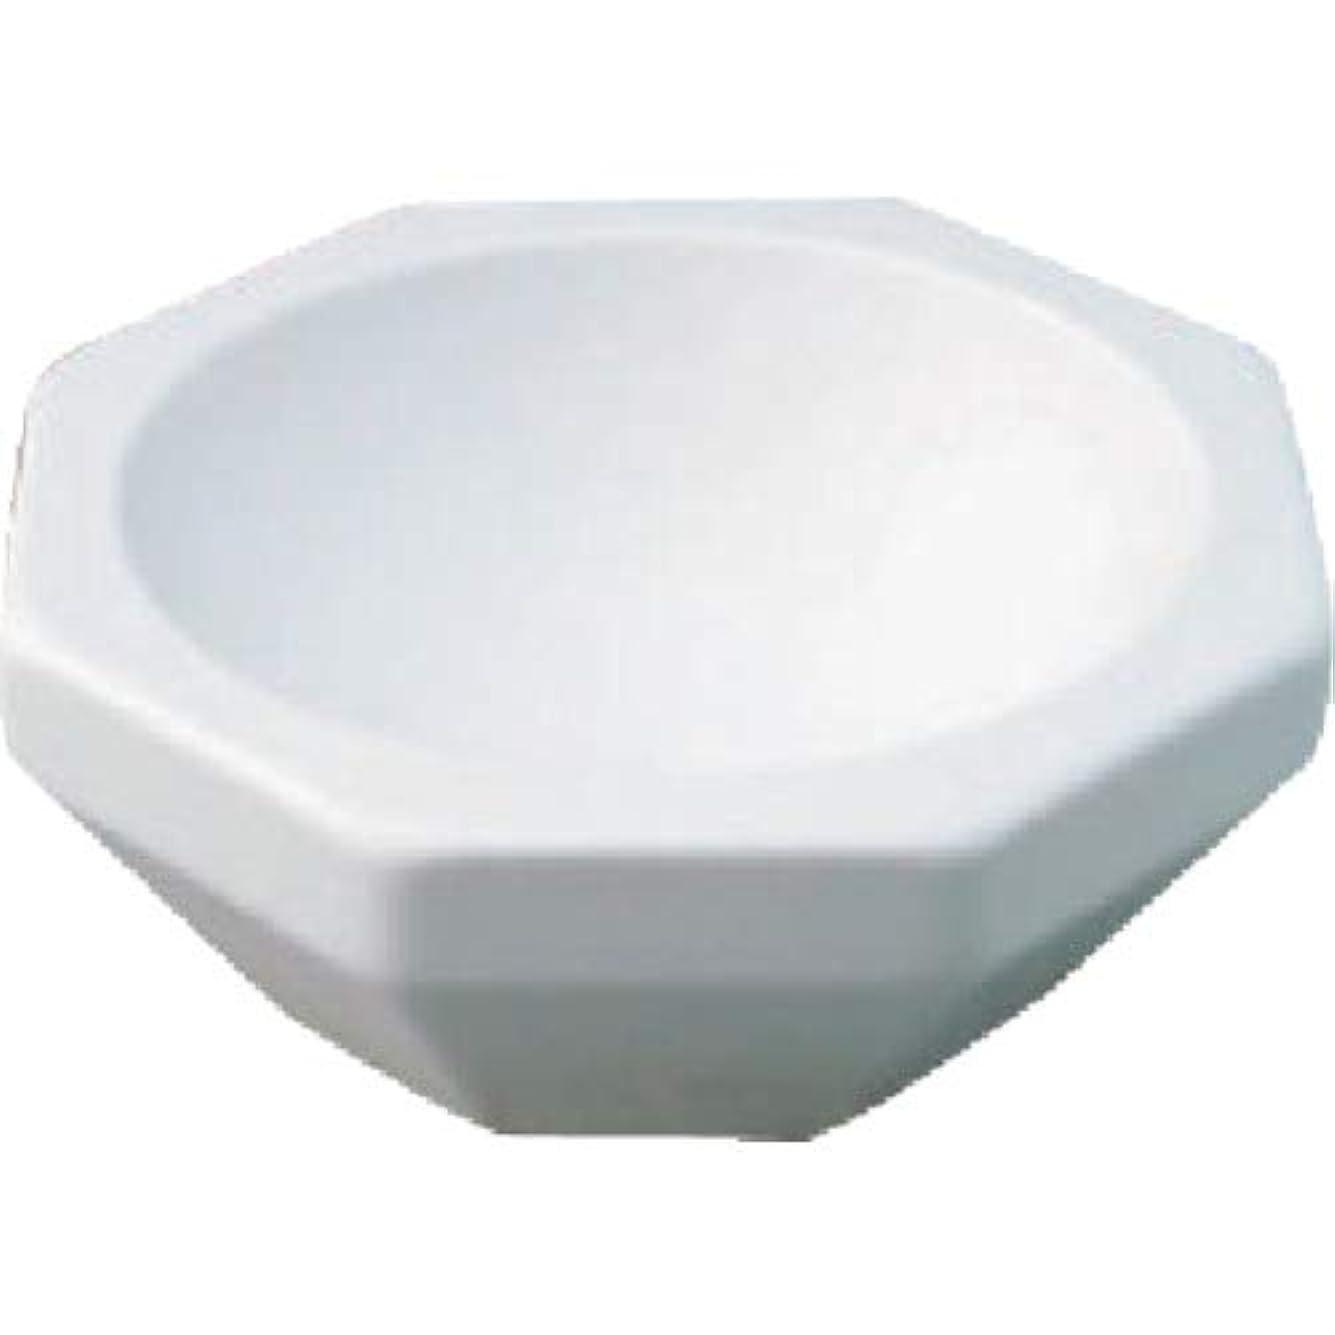 拒否単調な雇用者レオナ 乳鉢(乳棒付)アルミナ 30mL/61-9632-22